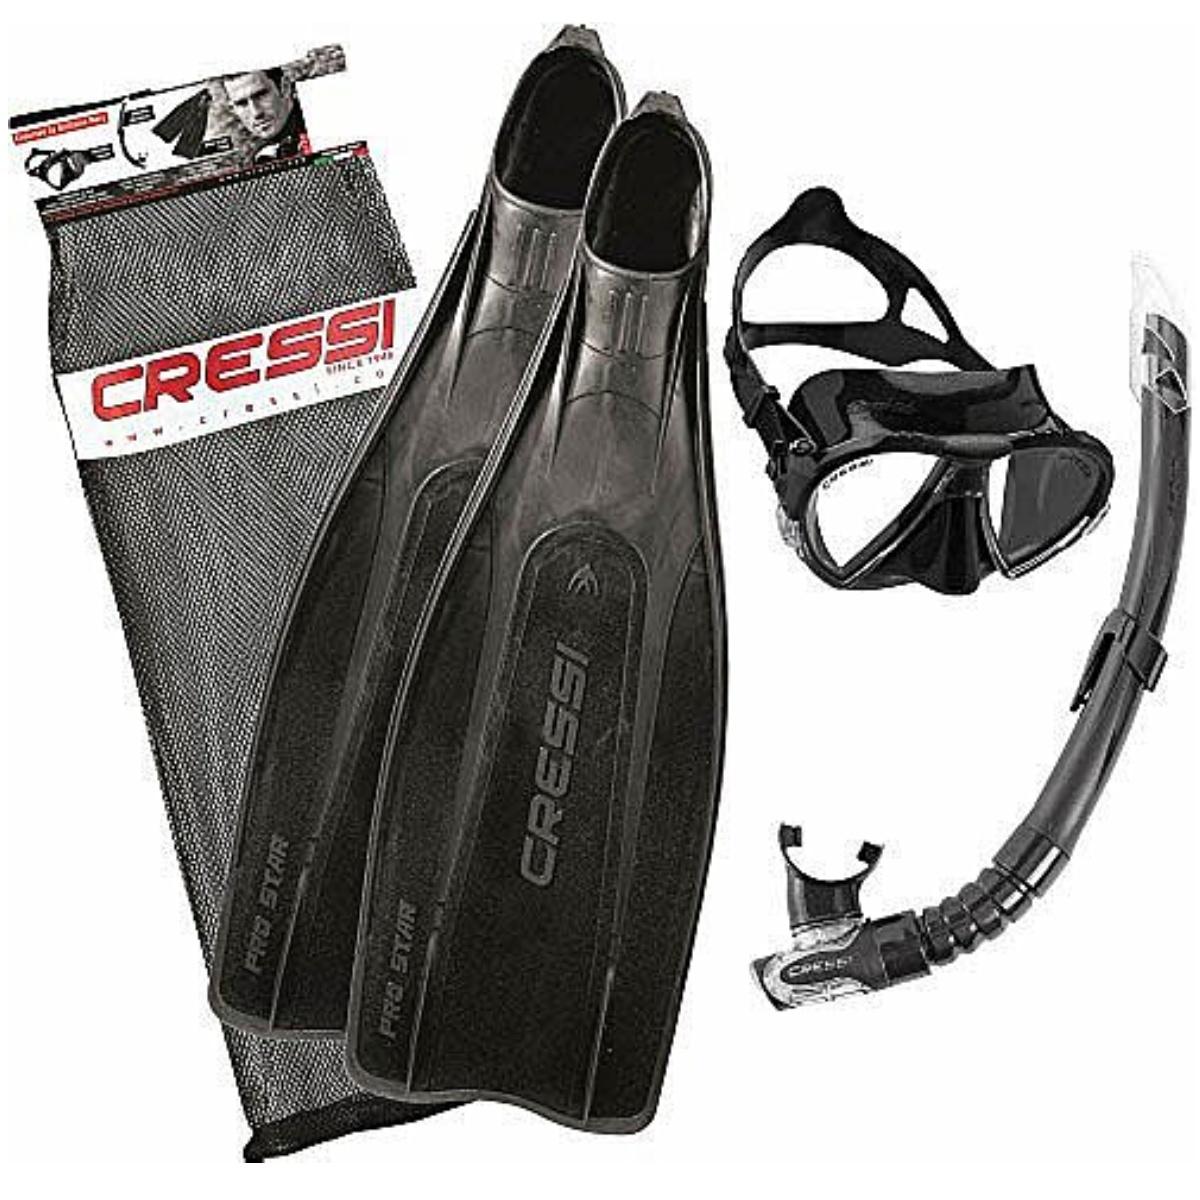 Potápěčský set CRESSI Set Pro Star Bag - vel. 37-38